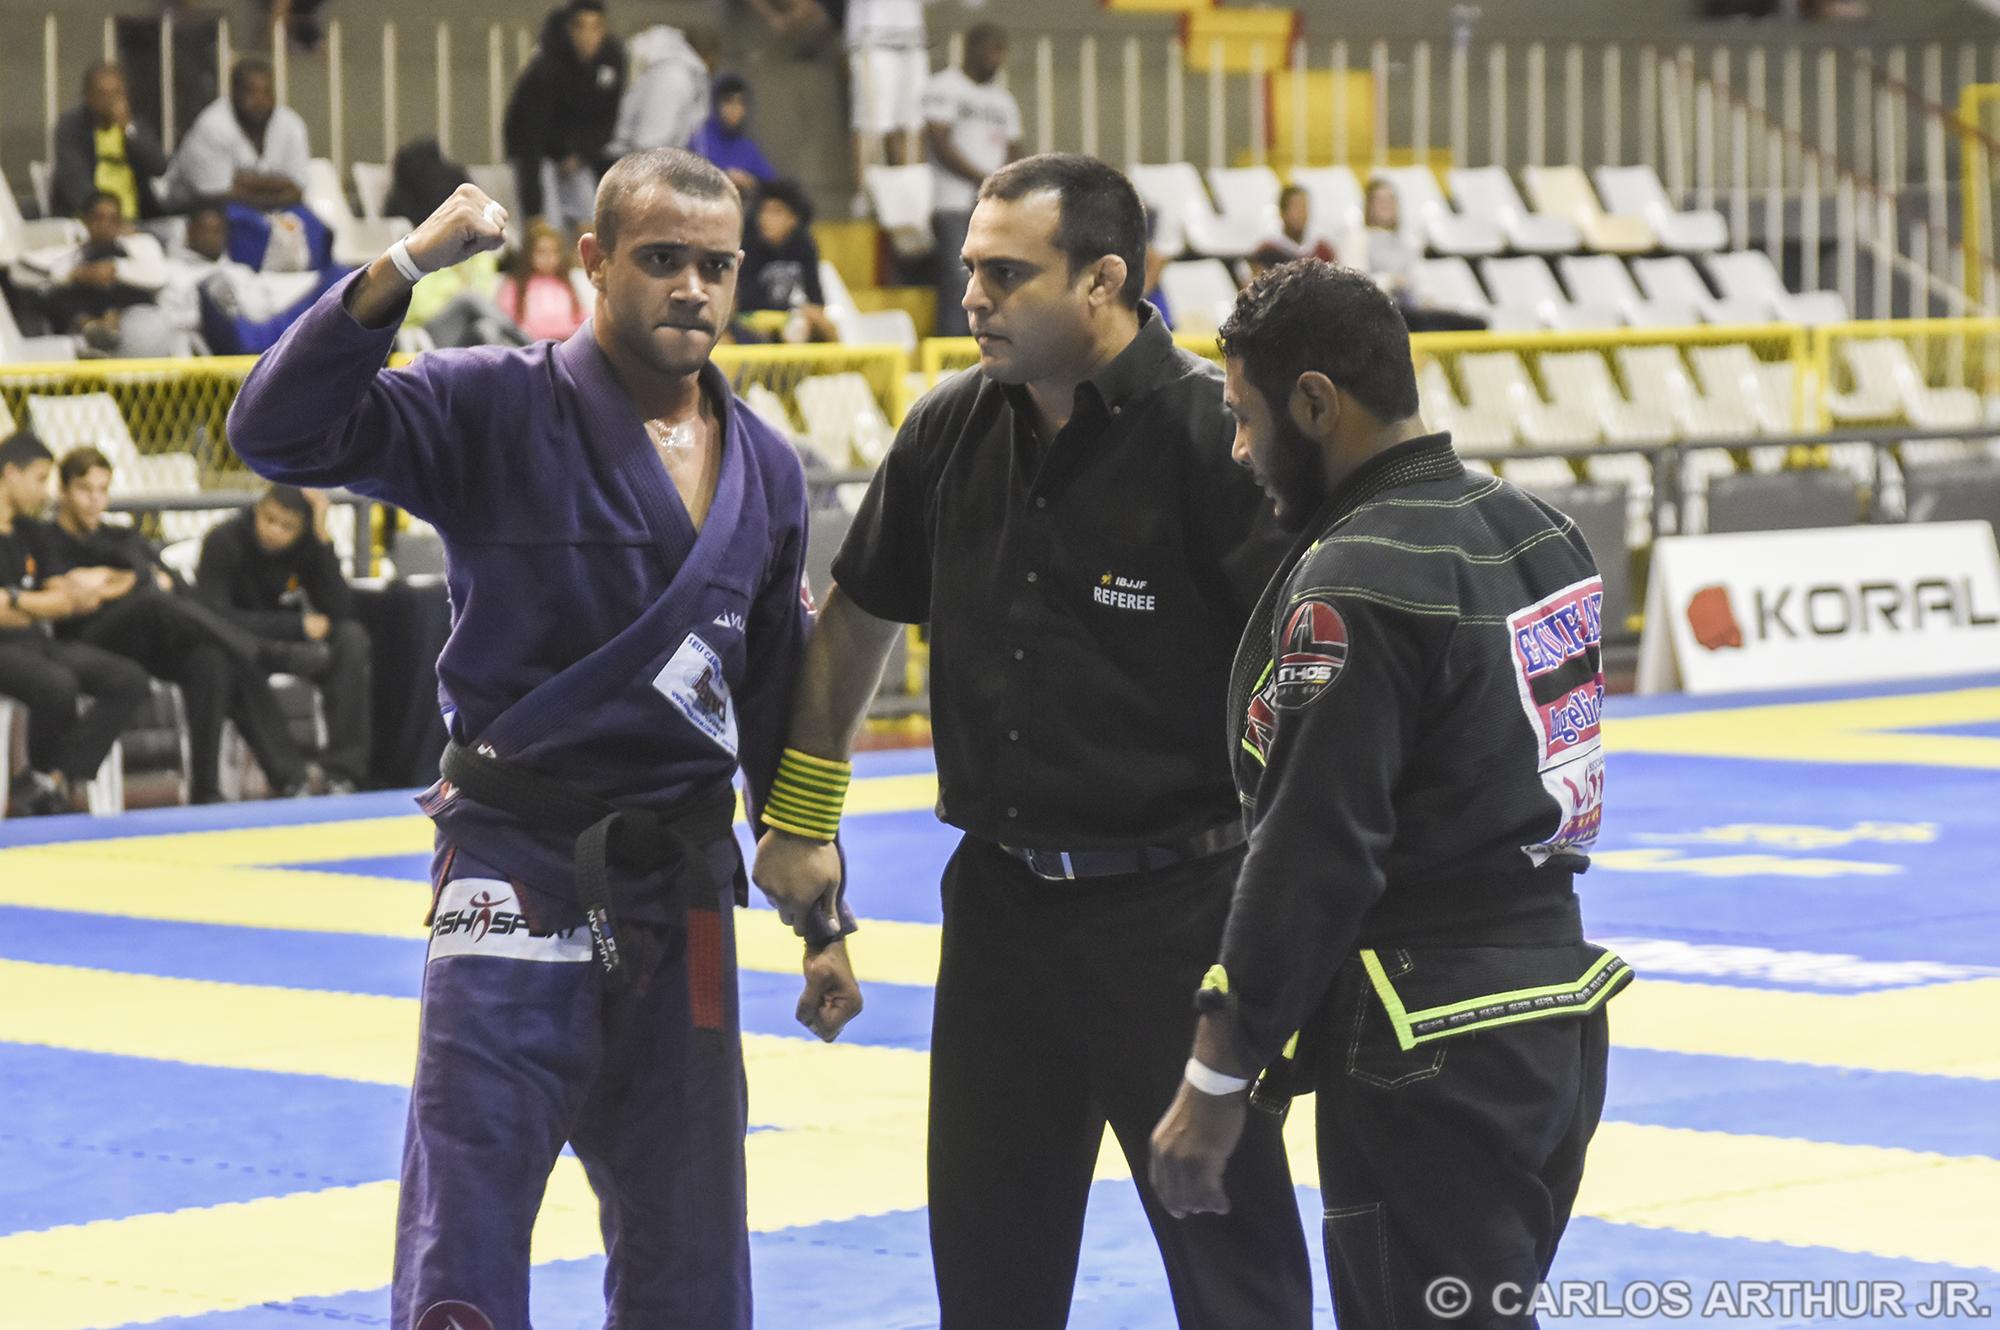 Certo da vitória, Júlio dos Anjos comemorou antes de anunciada a decisão dos árbitros ao seu favor, em vitória sobre o duro Claudevan Martins.